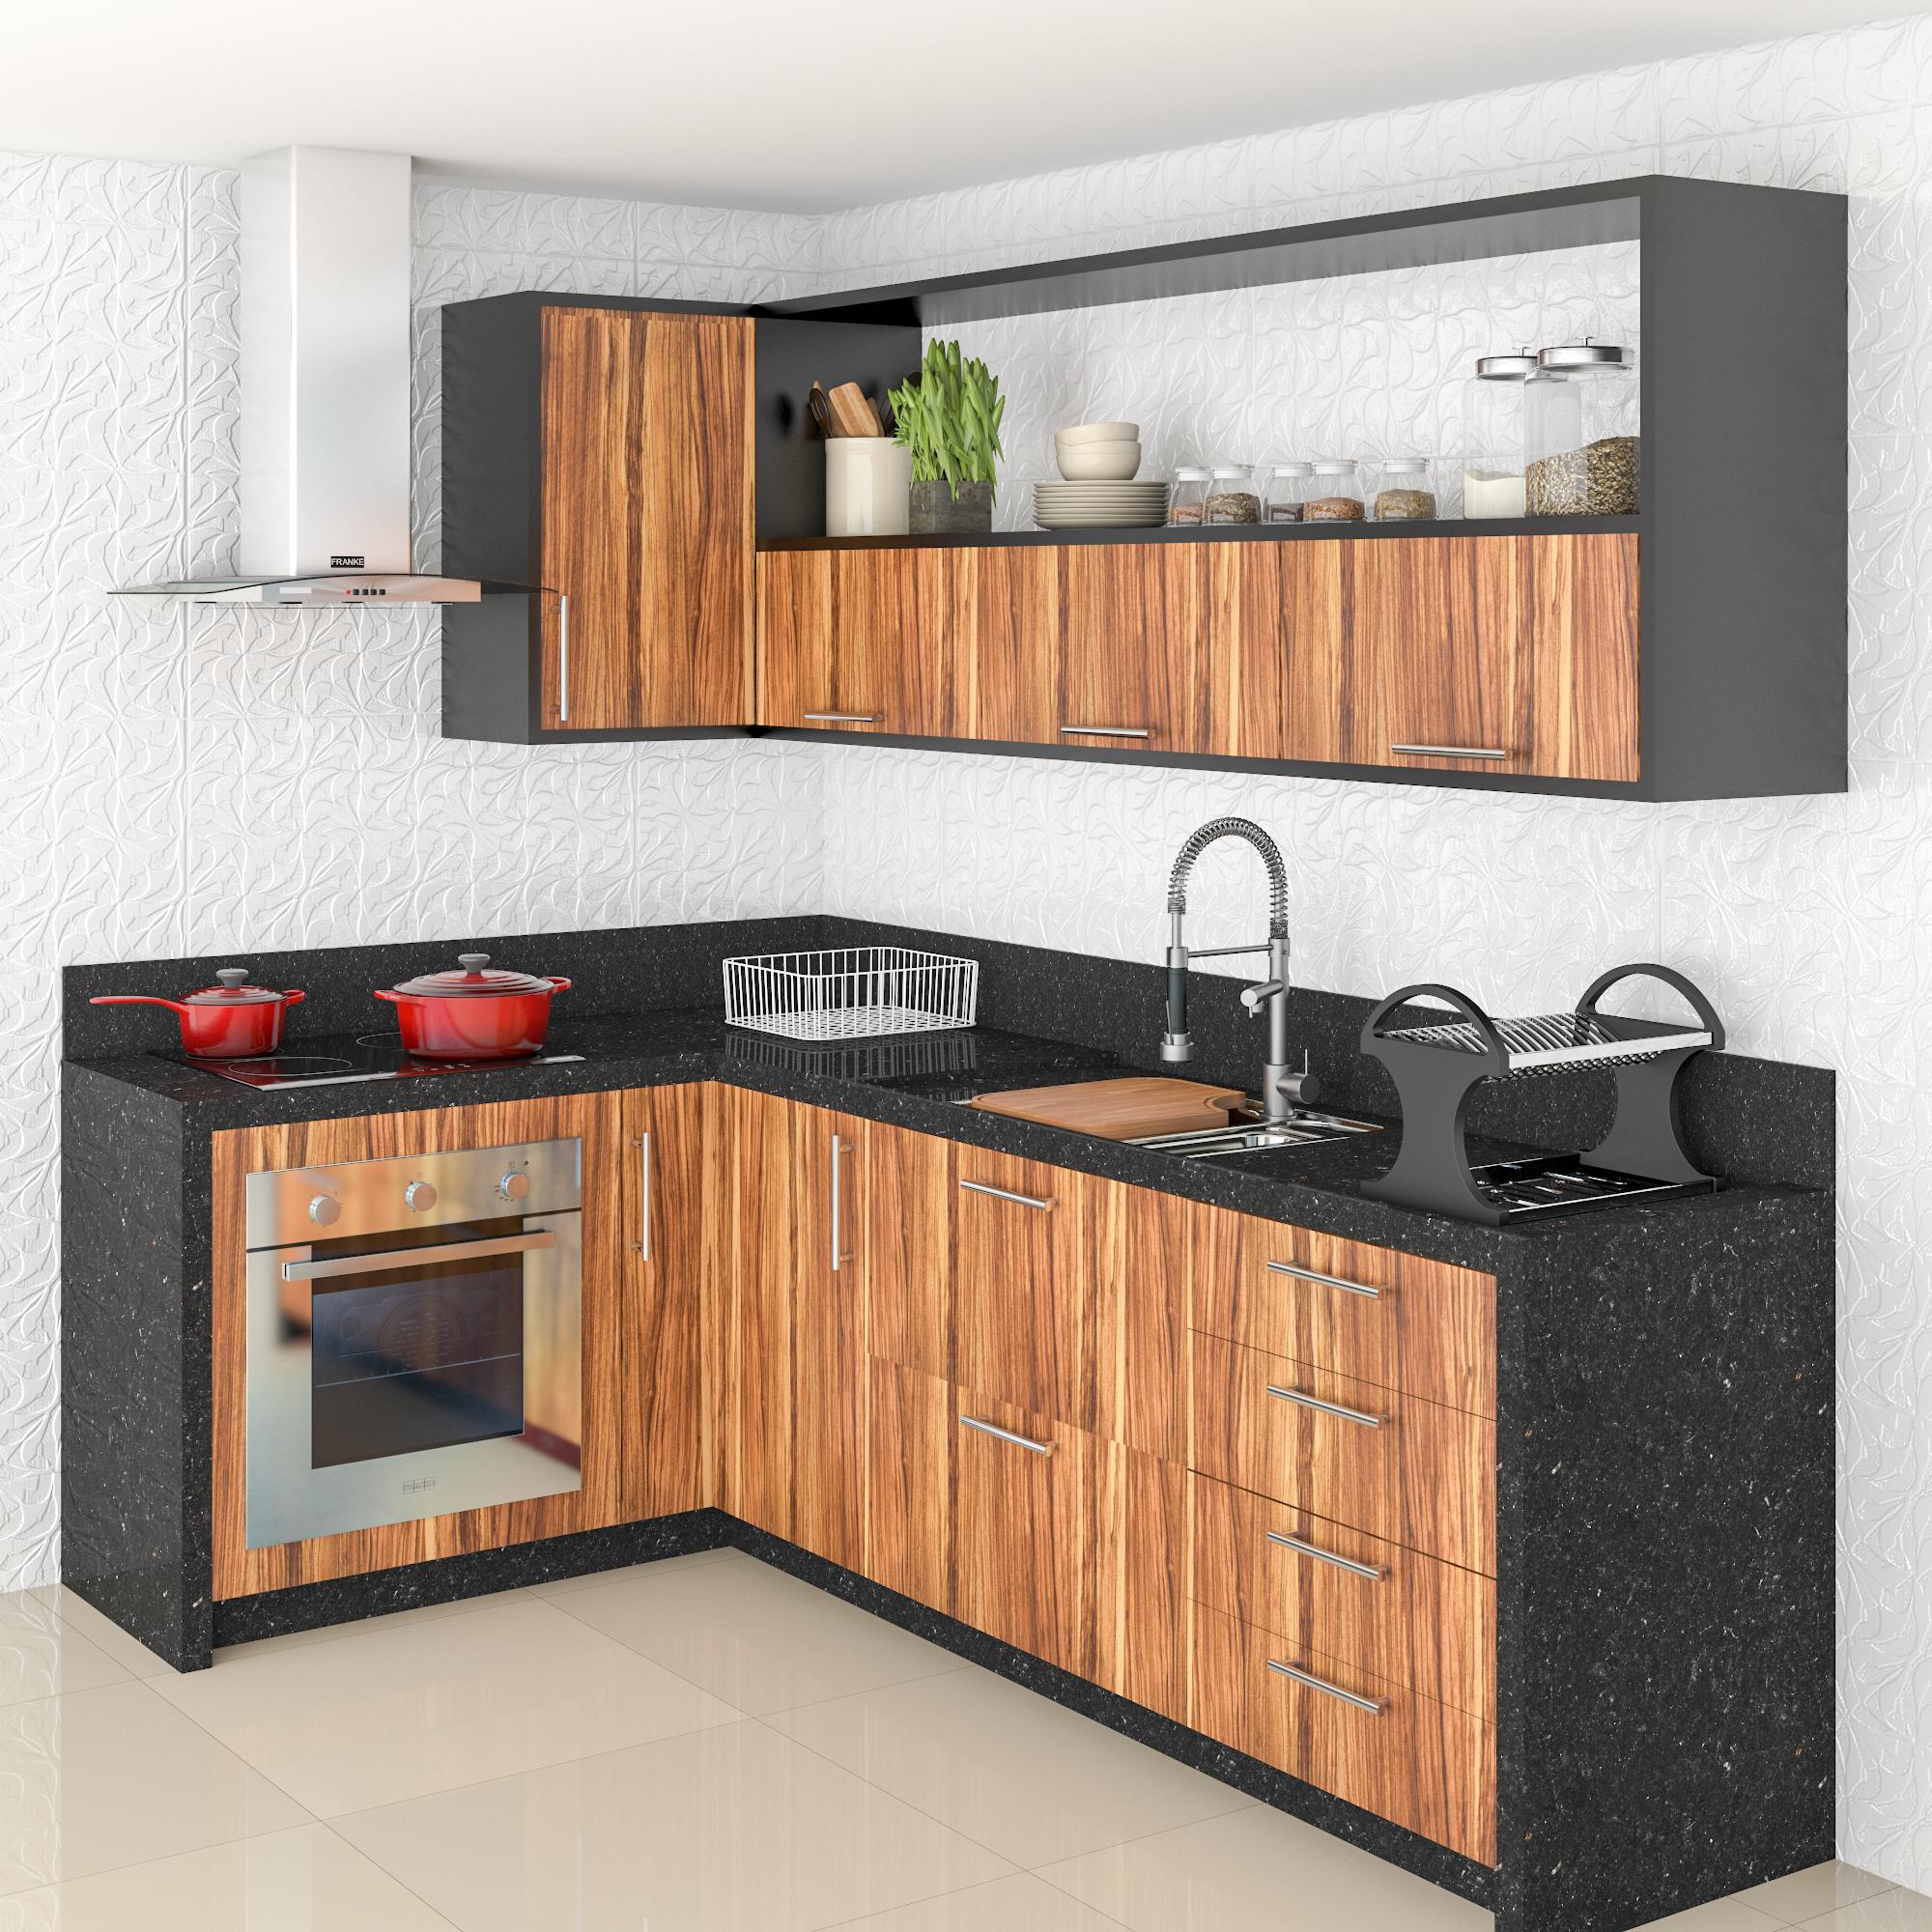 Cozinha Modulada Completa 4 Ideias De Inspira O